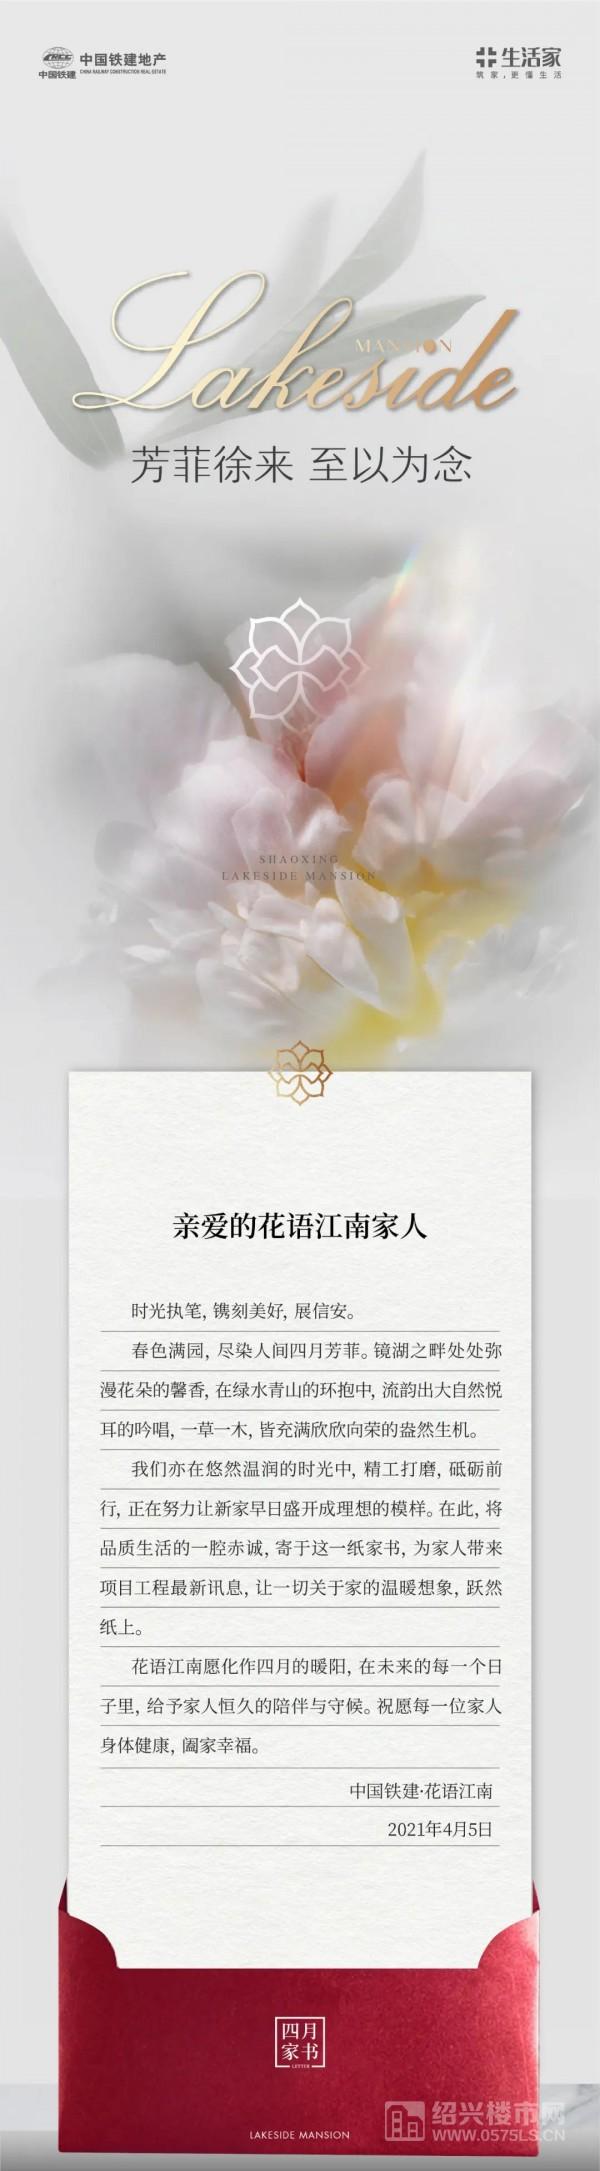 芳菲徐来 至以为念丨中国铁建·花语江南4月家书  第2张